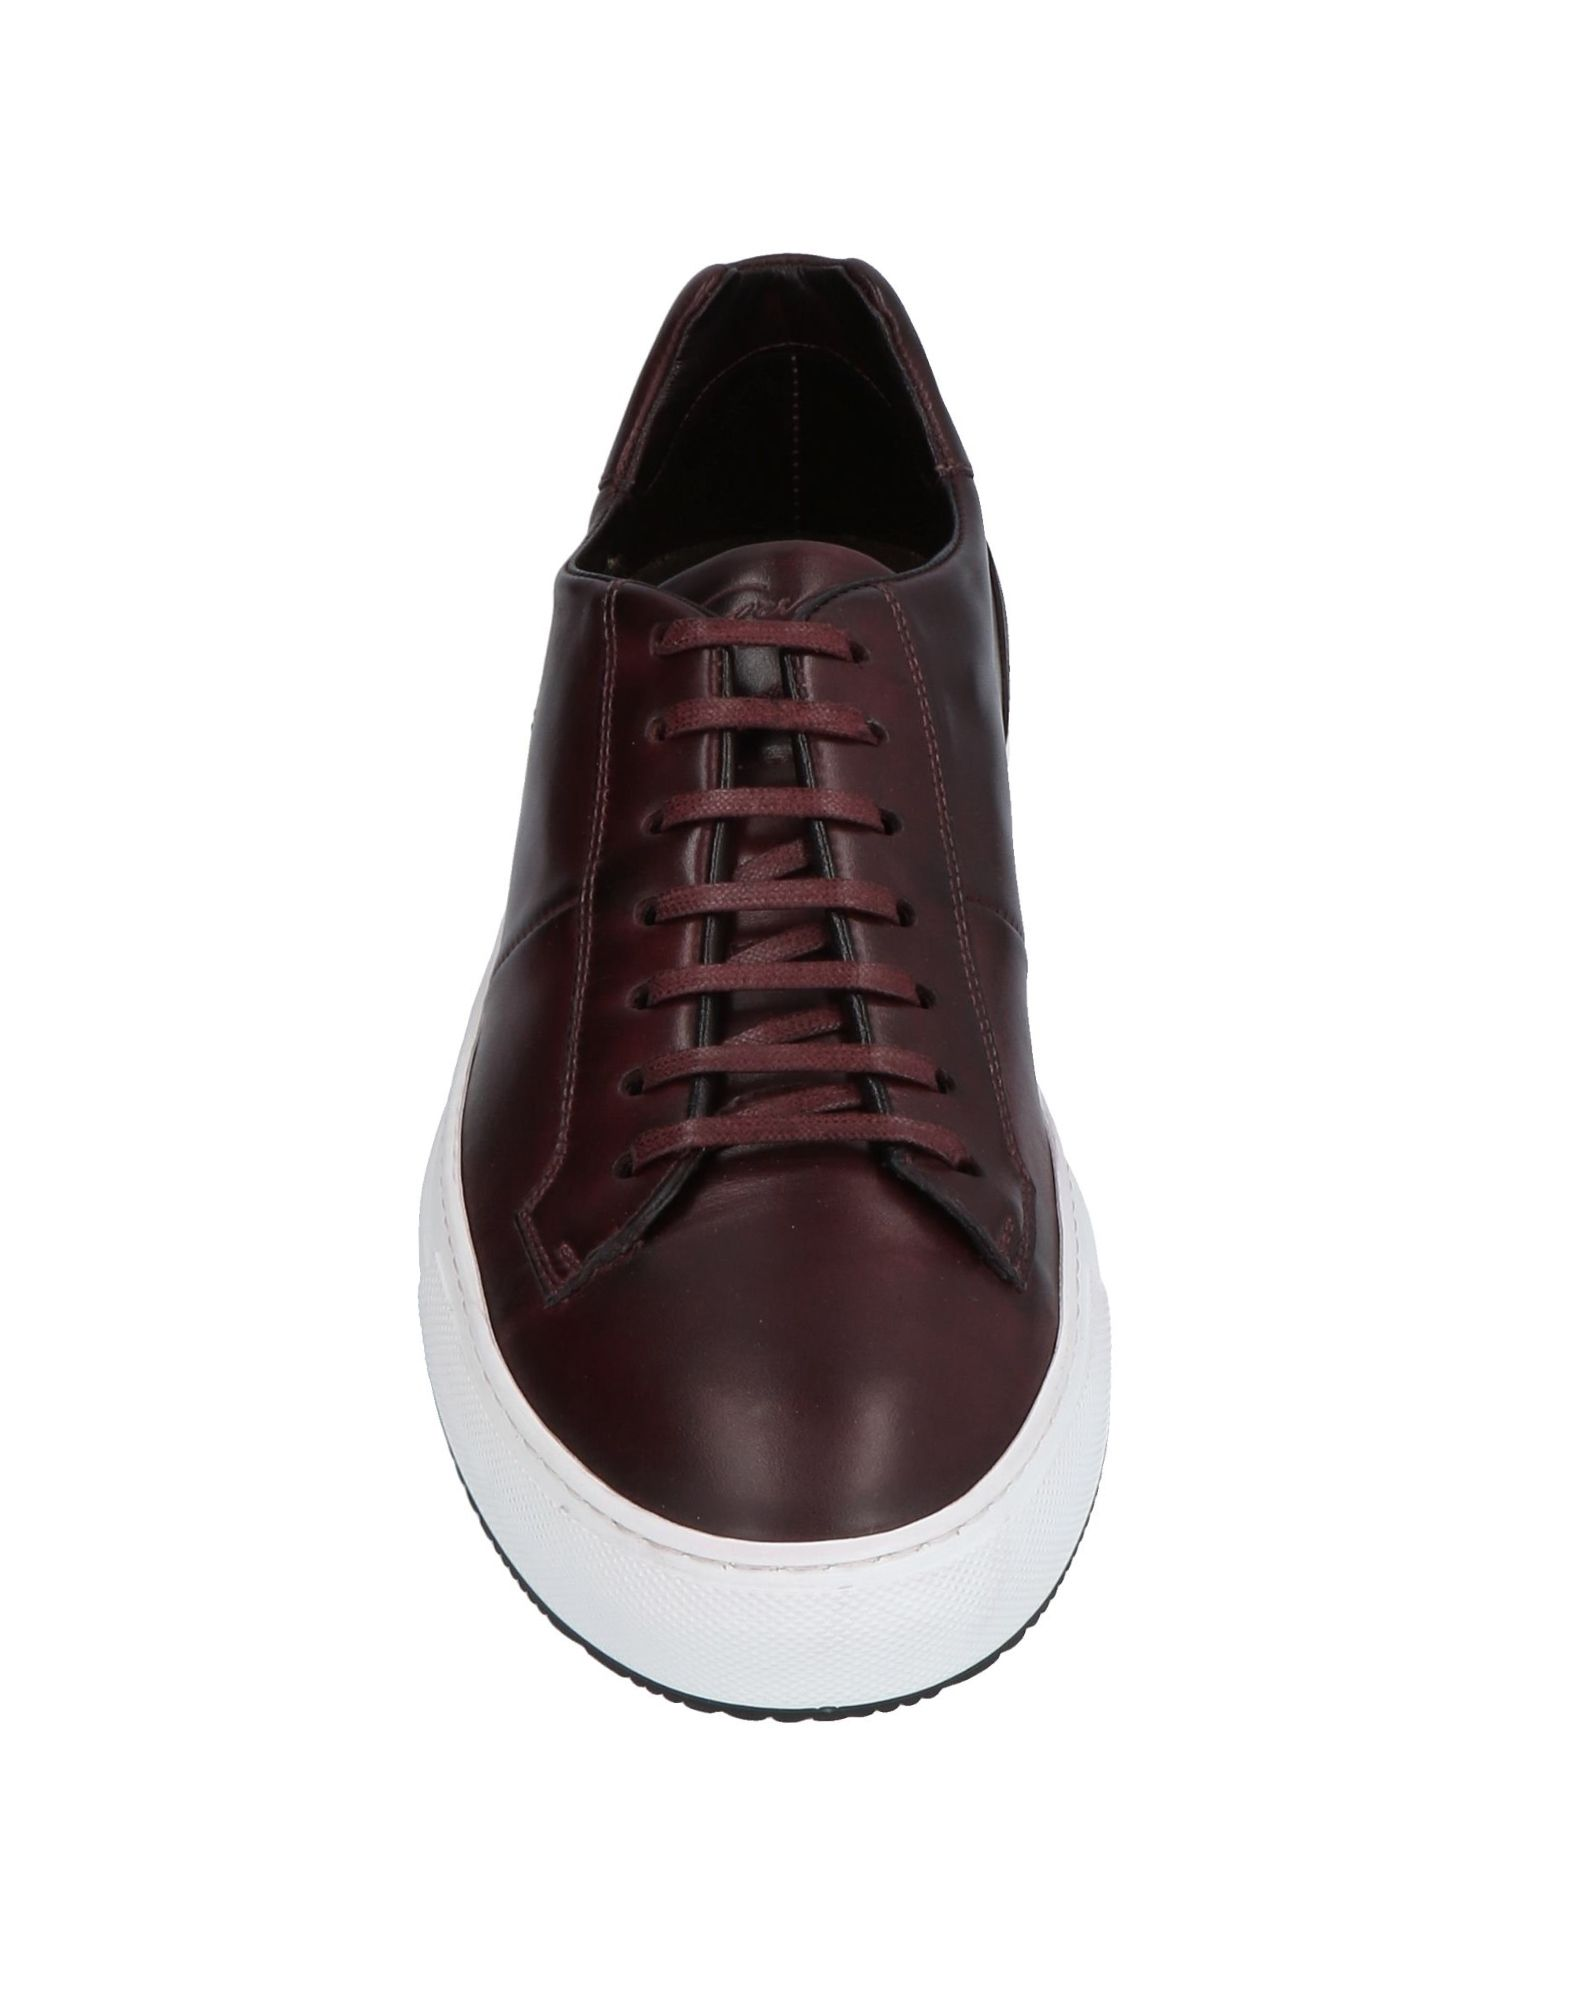 Rabatt echte Schuhe Corvari Sneakers Herren  11487931LT